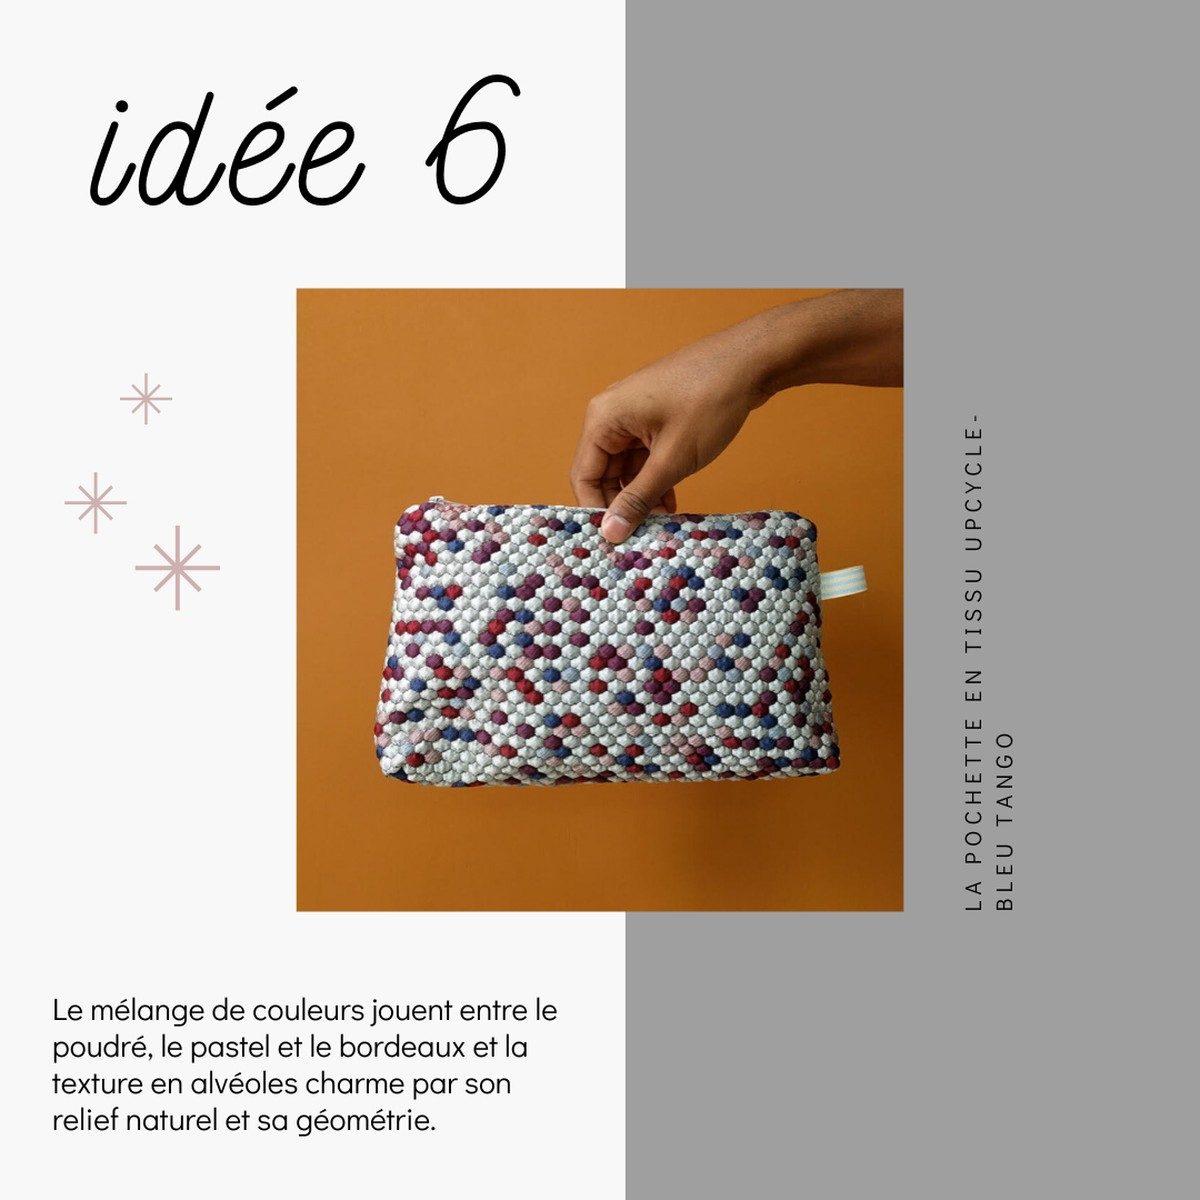 Idées de cadeaux slow fashion et déco à prix doux pour Noël - Pochette upcyclée - Bleu Tango